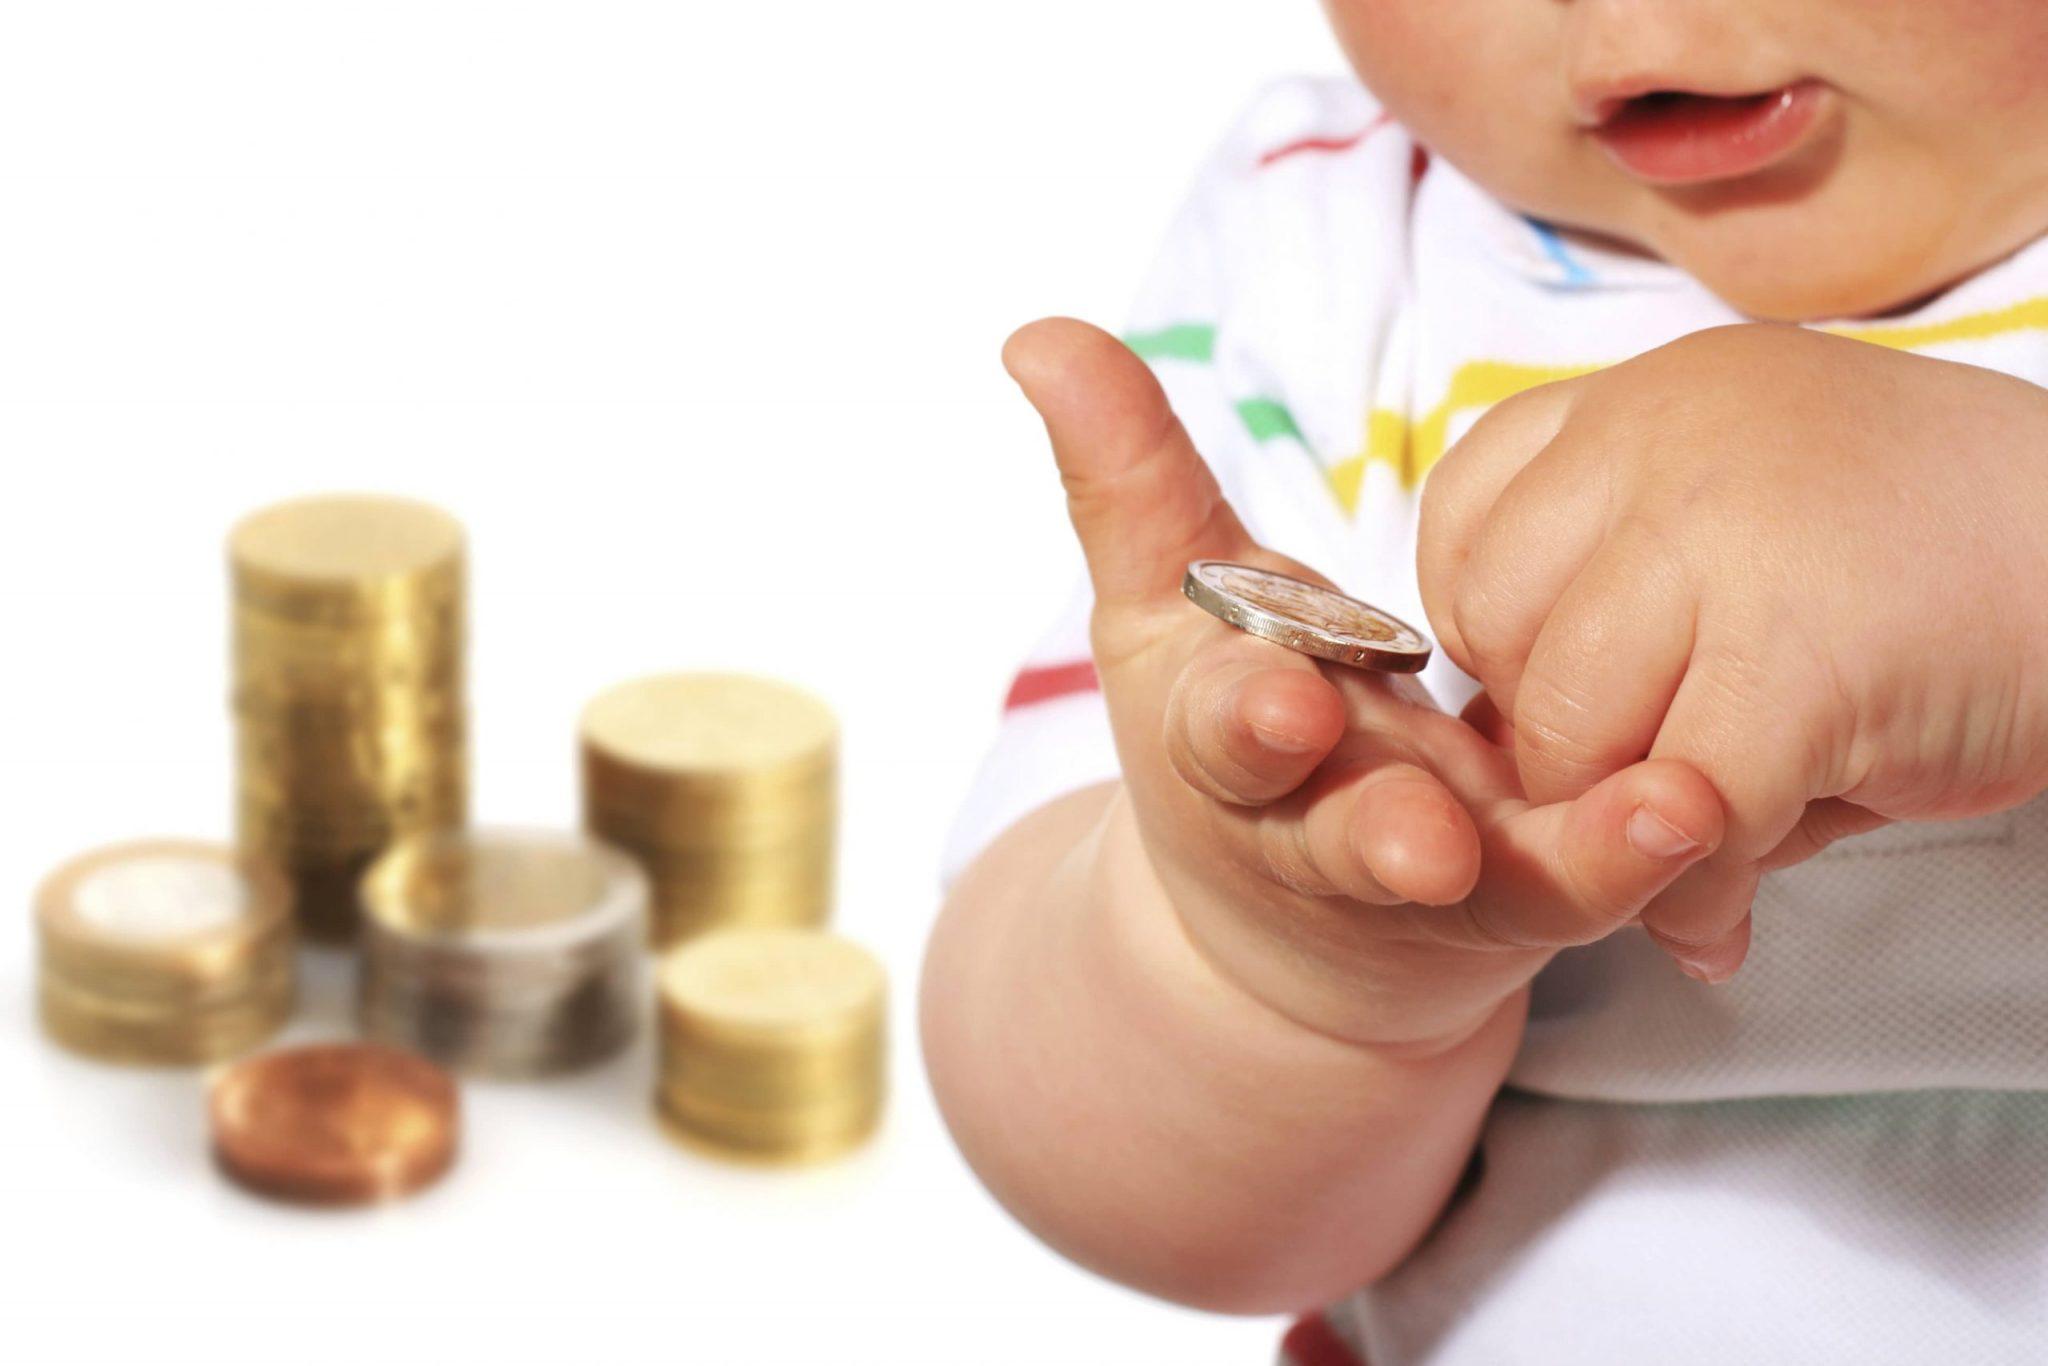 Минтруд перечислил уважительные причины для отсутствия дохода у получателей детского пособия